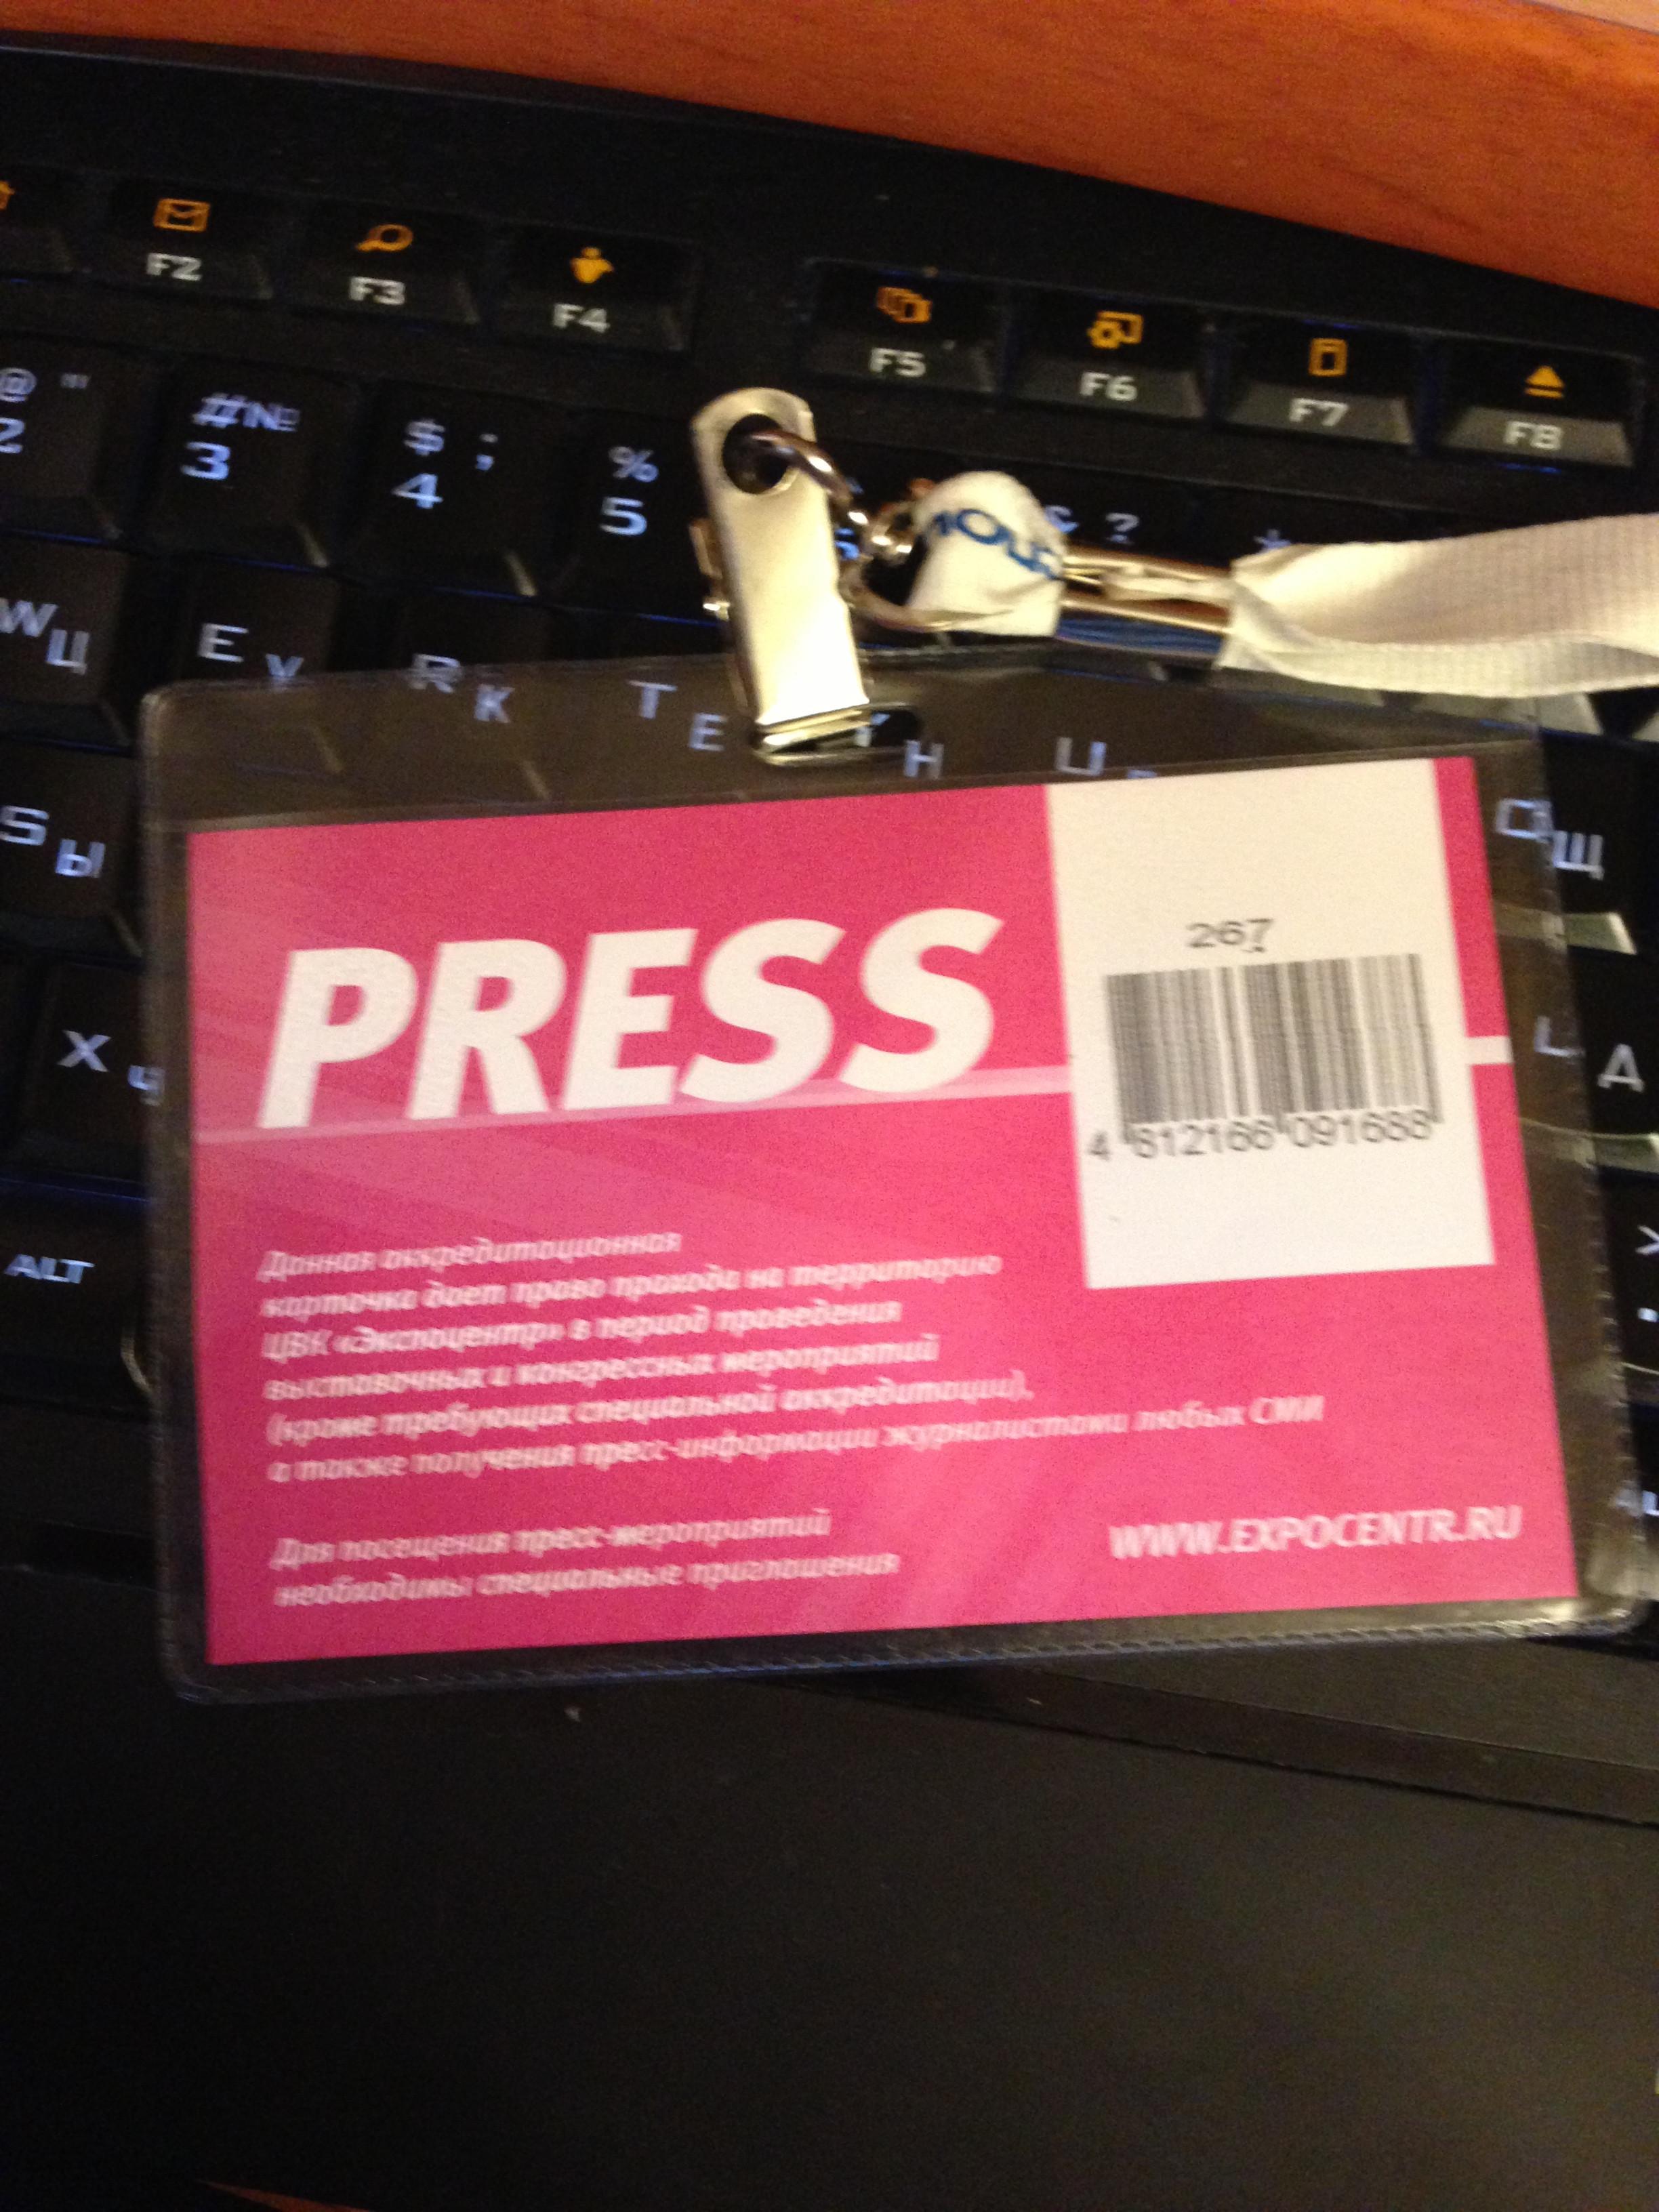 Пресс-паспорт